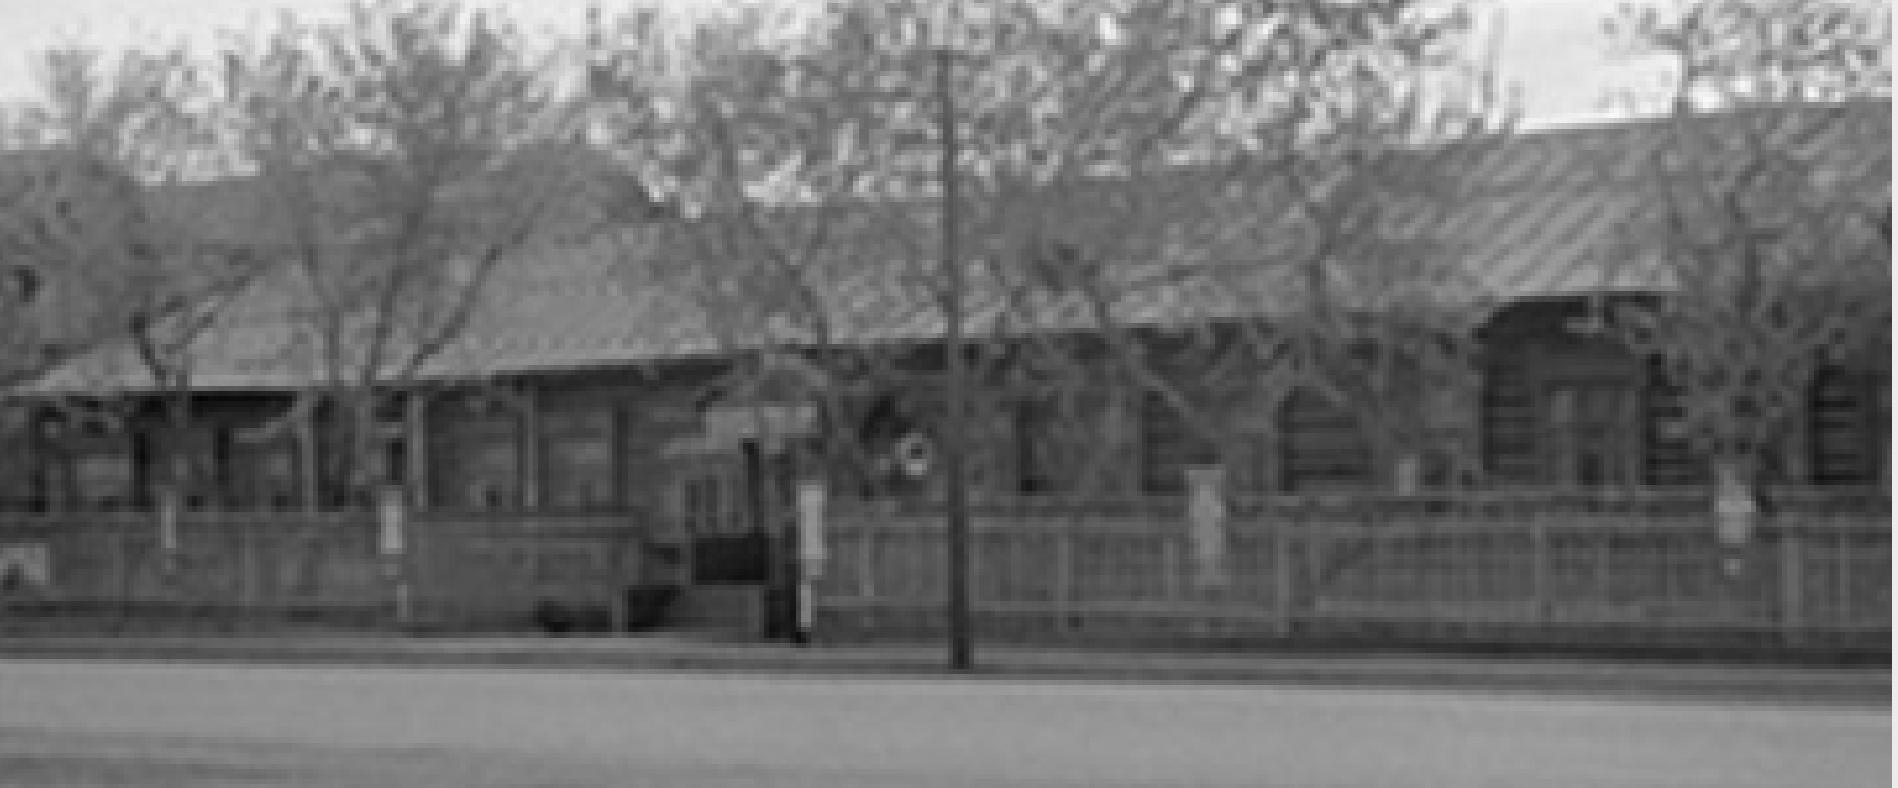 Segunda ubicación de la Casa de Meleuz